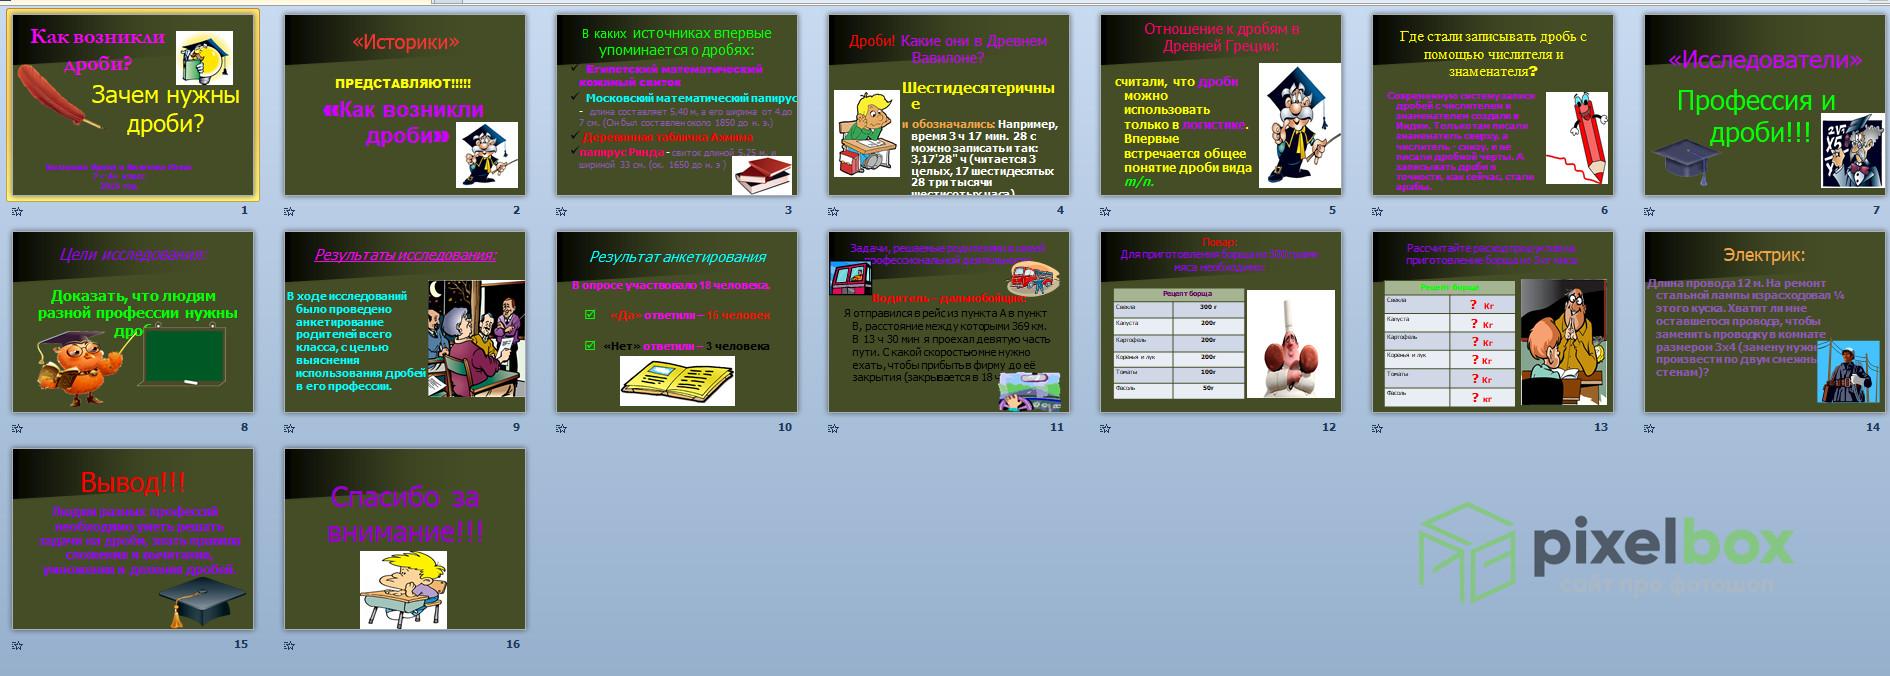 Презентации и шаблоны по Математике для PowerPoint